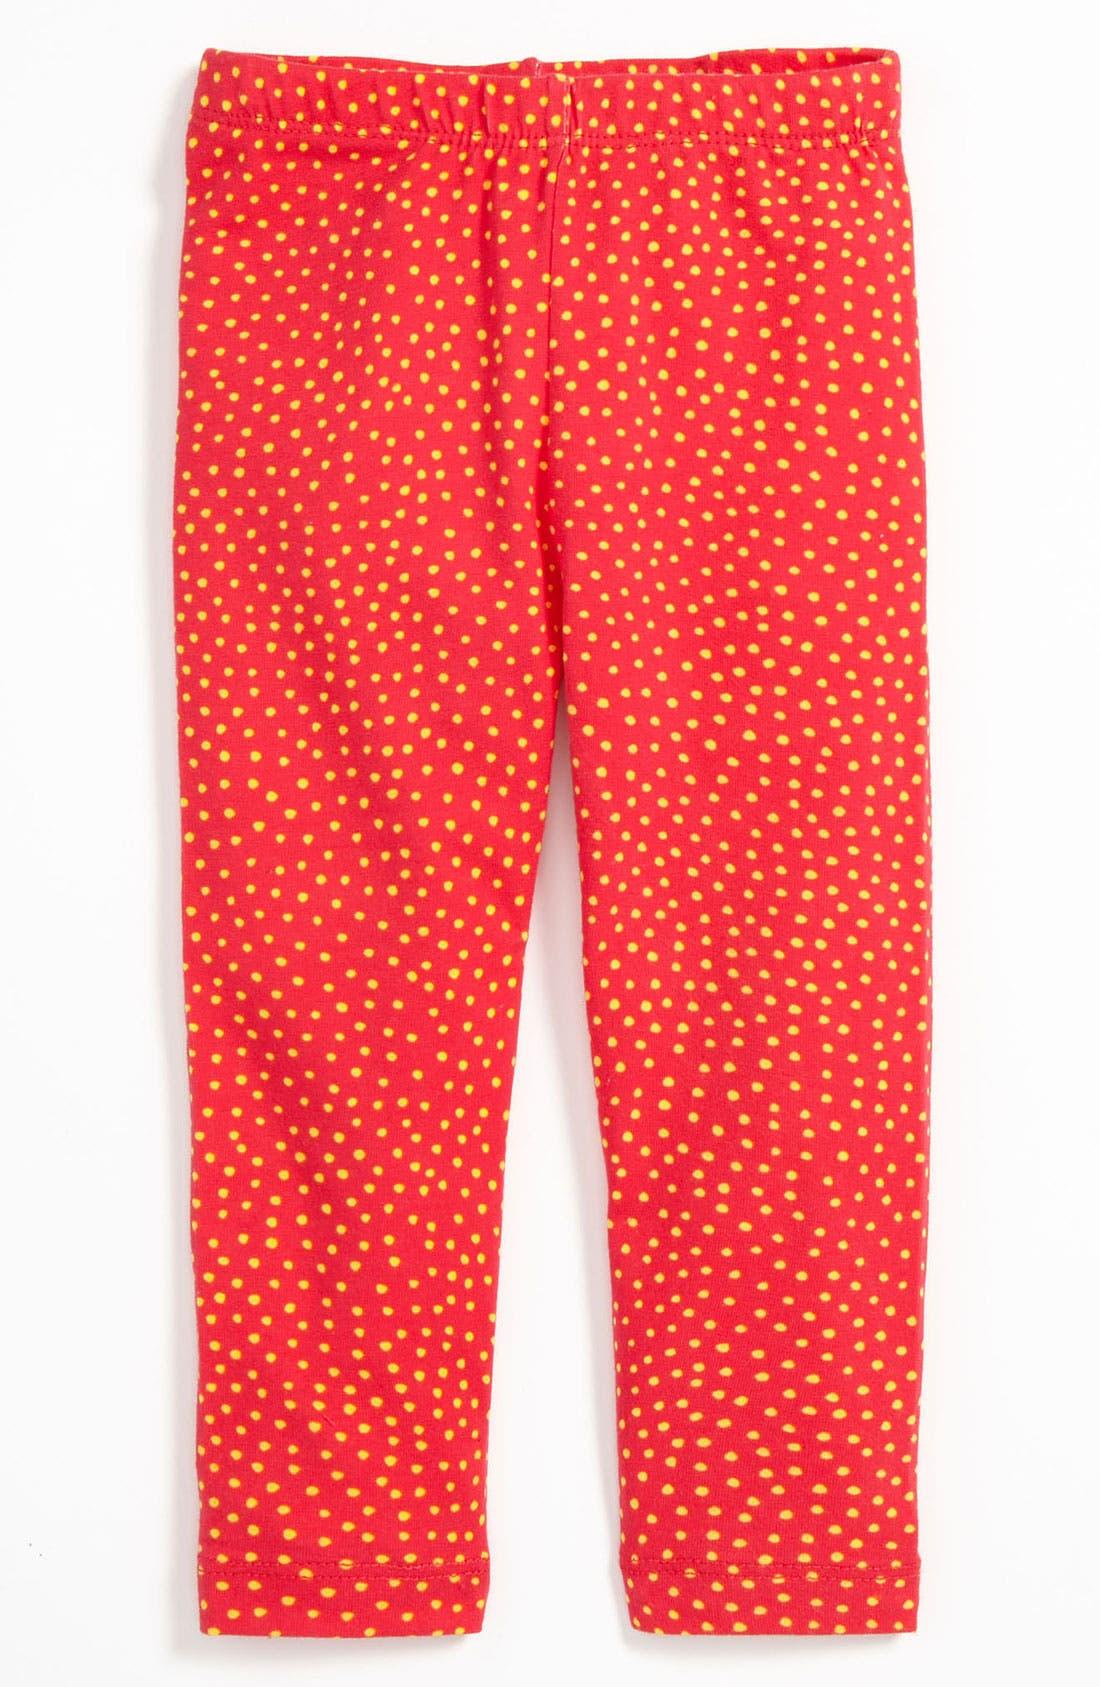 Alternate Image 1 Selected - Marimekko Print Leggings (Baby)